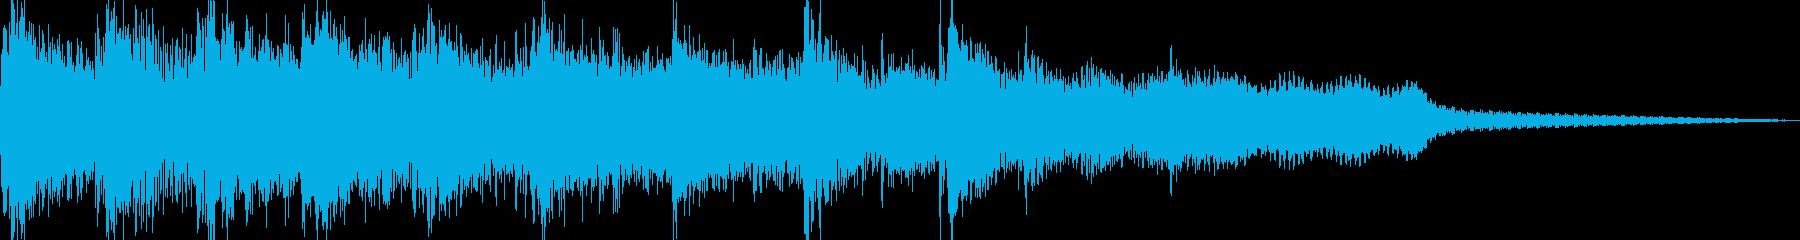 琴で伝統的な雰囲気の和風ジングルの再生済みの波形